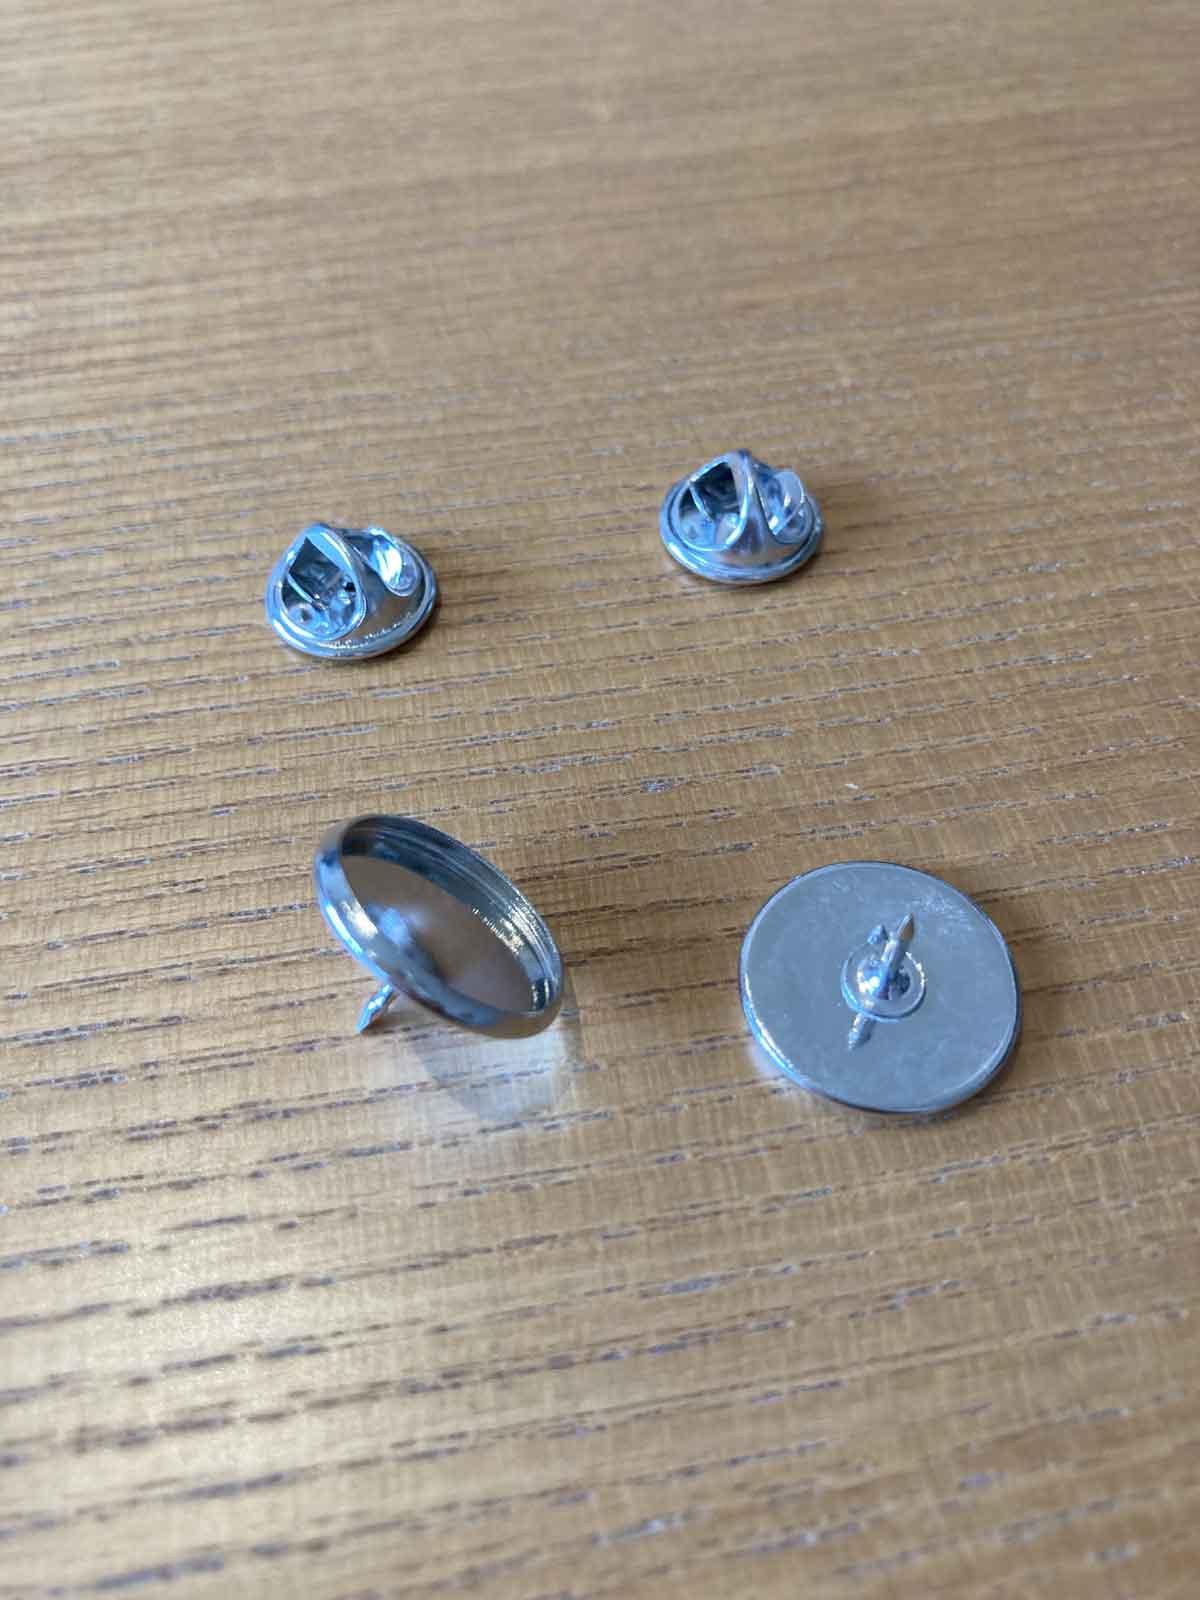 布に磁石を付け外しできるピン付き耐水マグネットを作る